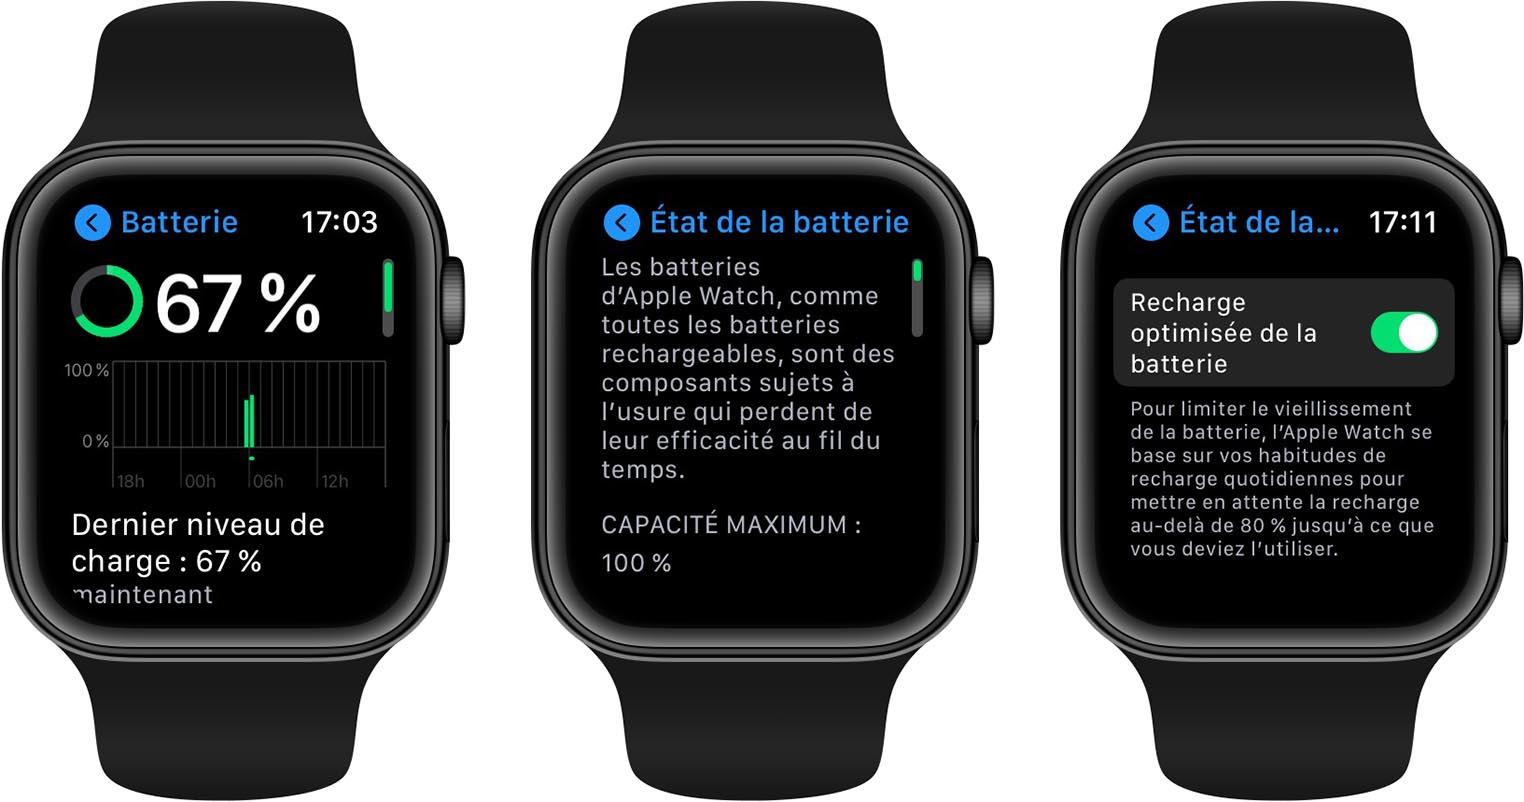 watchOS 7 recharge optimisée de la batterie